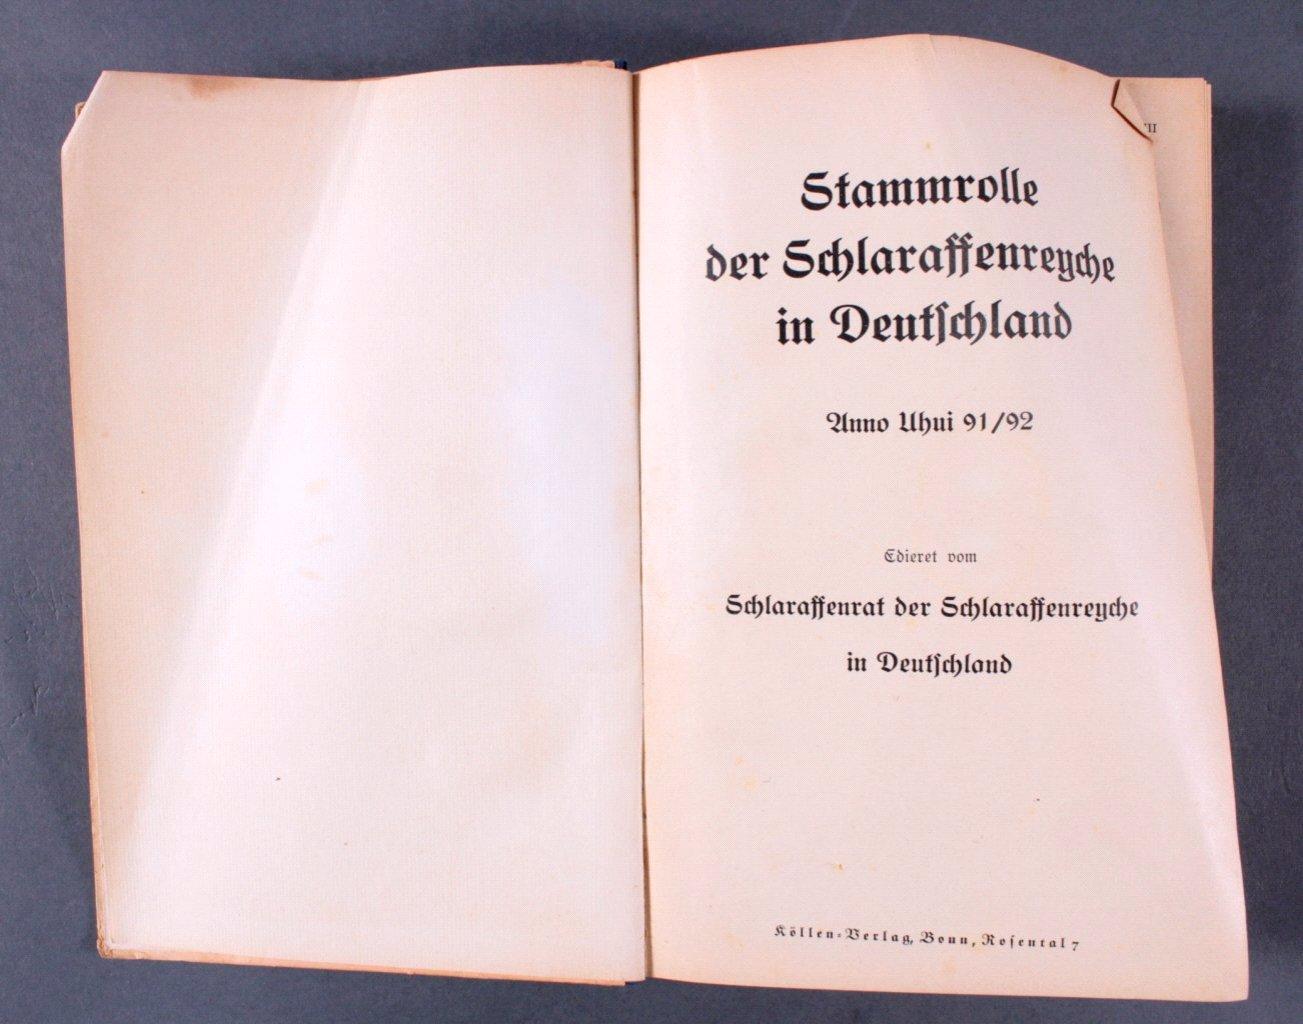 Stammrolle der Schlaraffenrenche in Deutschland a.U.91/92-1